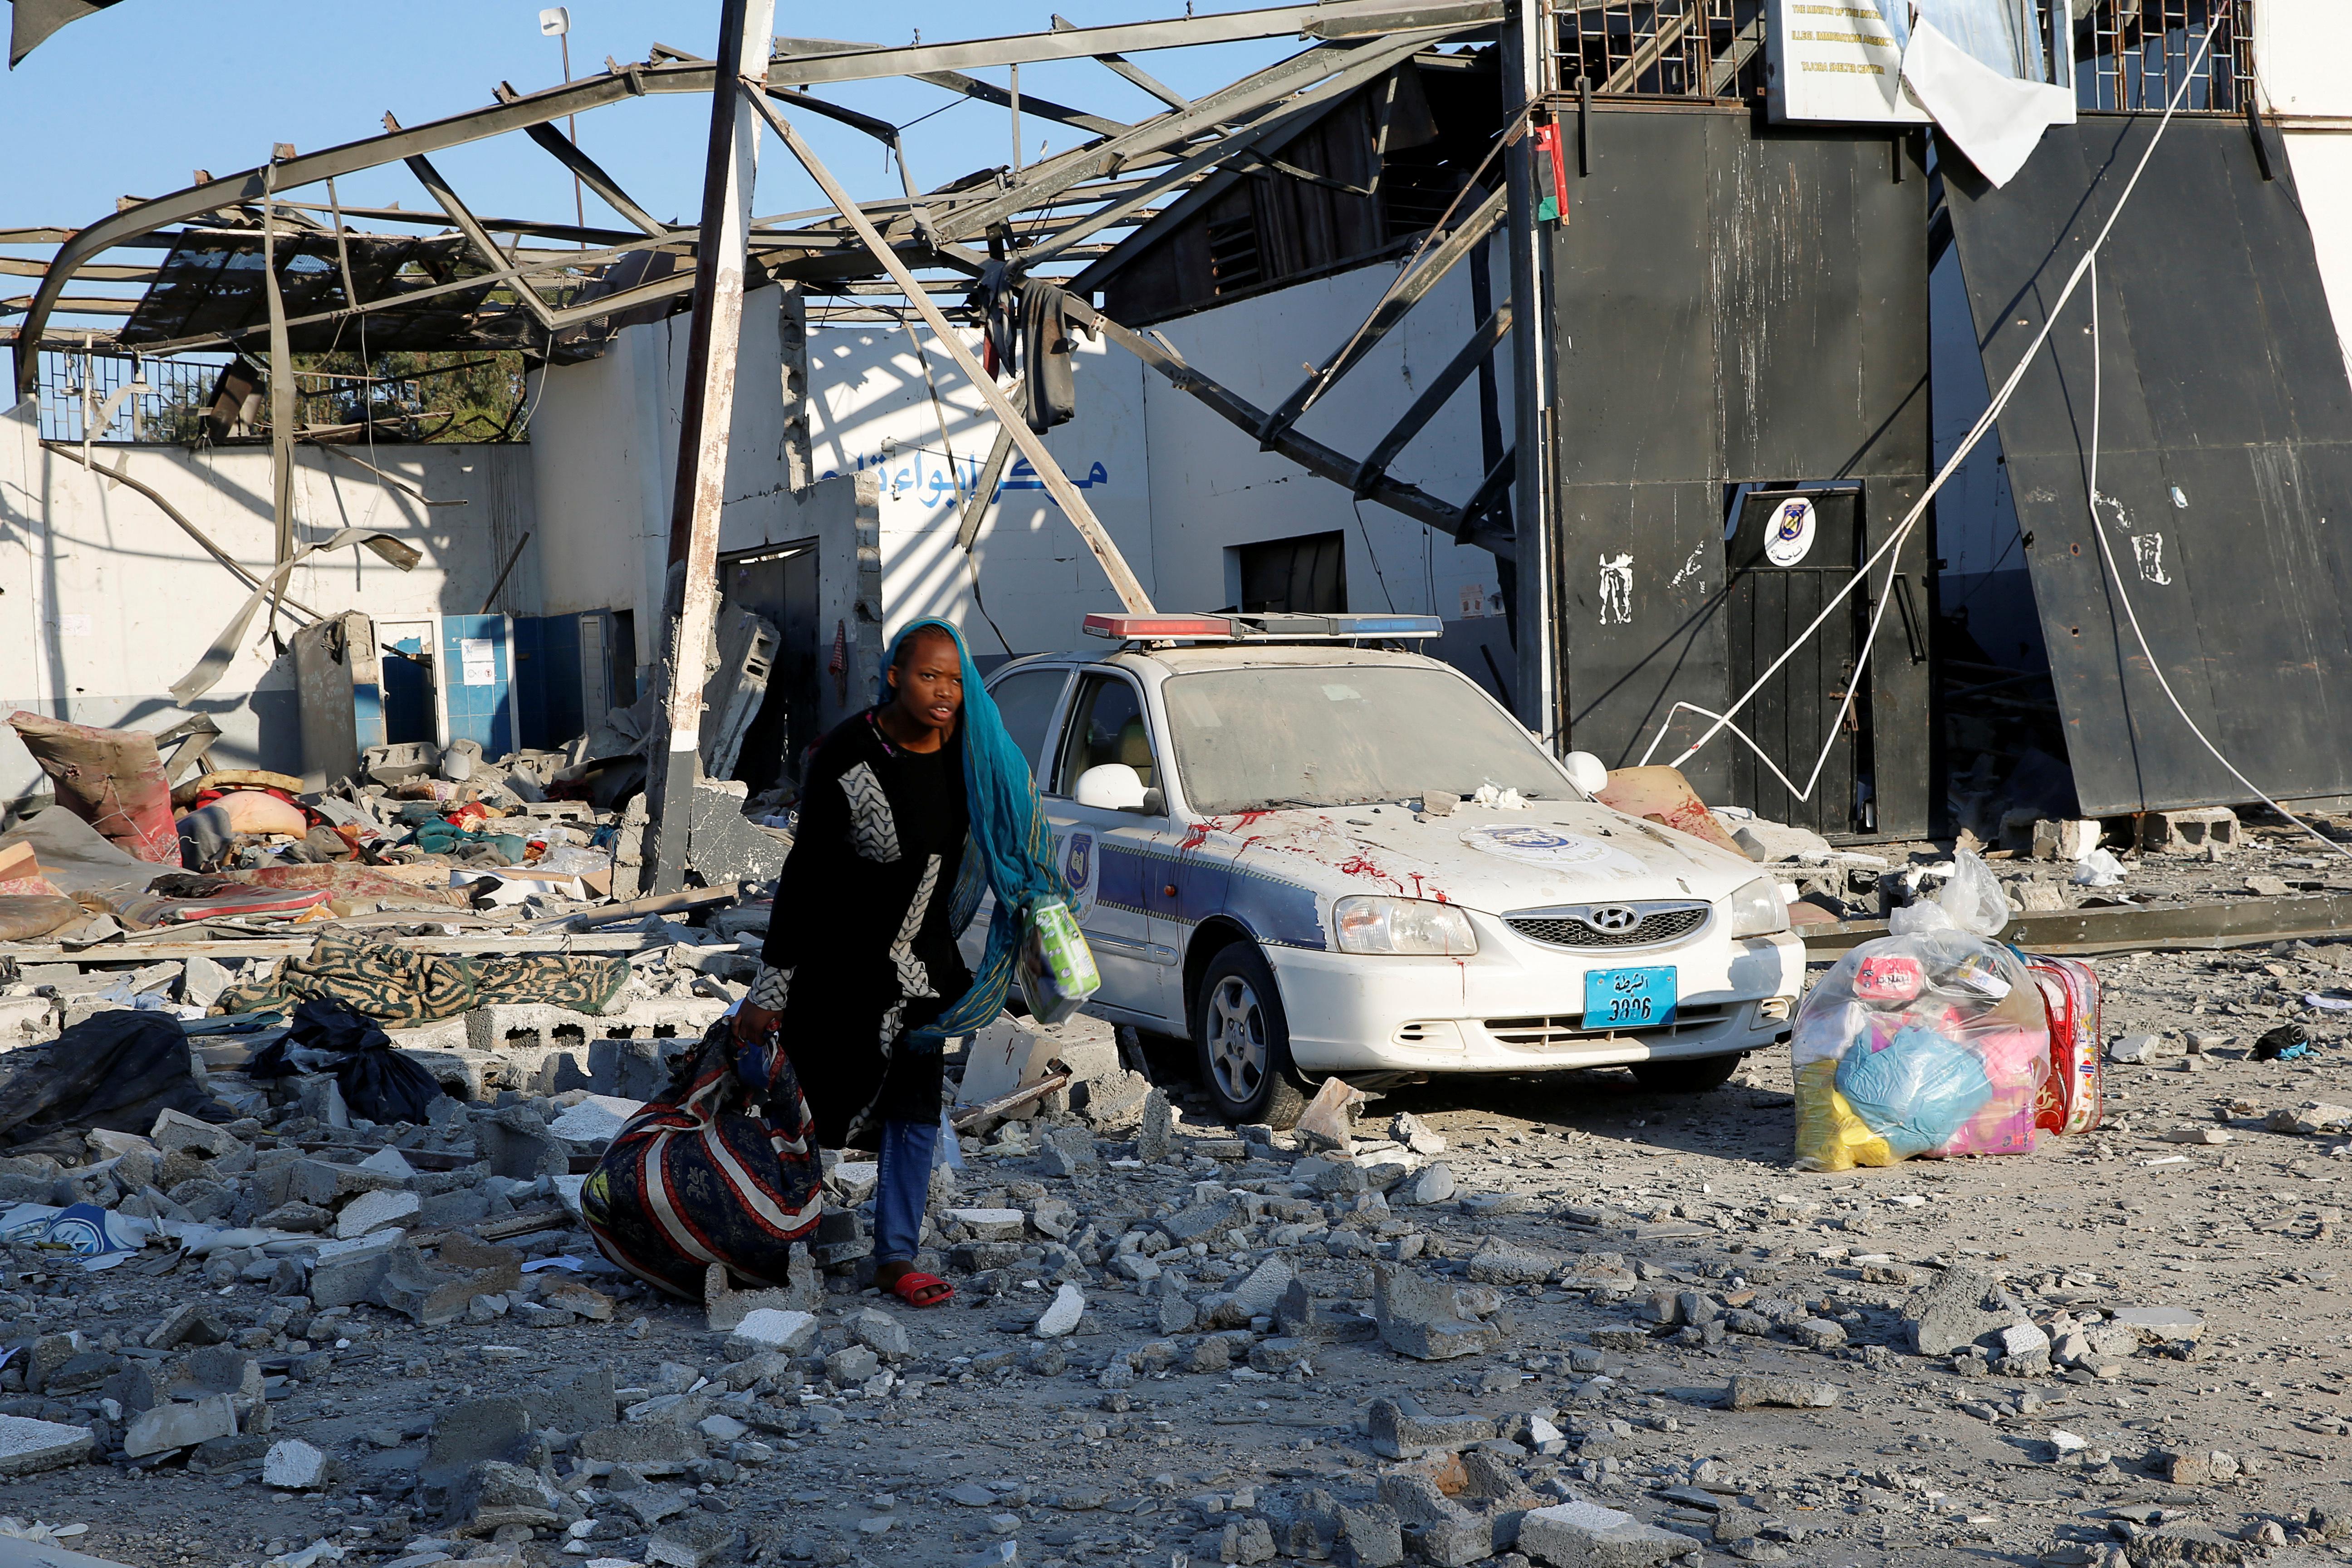 Au moins 40 morts en grève au centre de détention pour migrants en Libye, selon un responsable